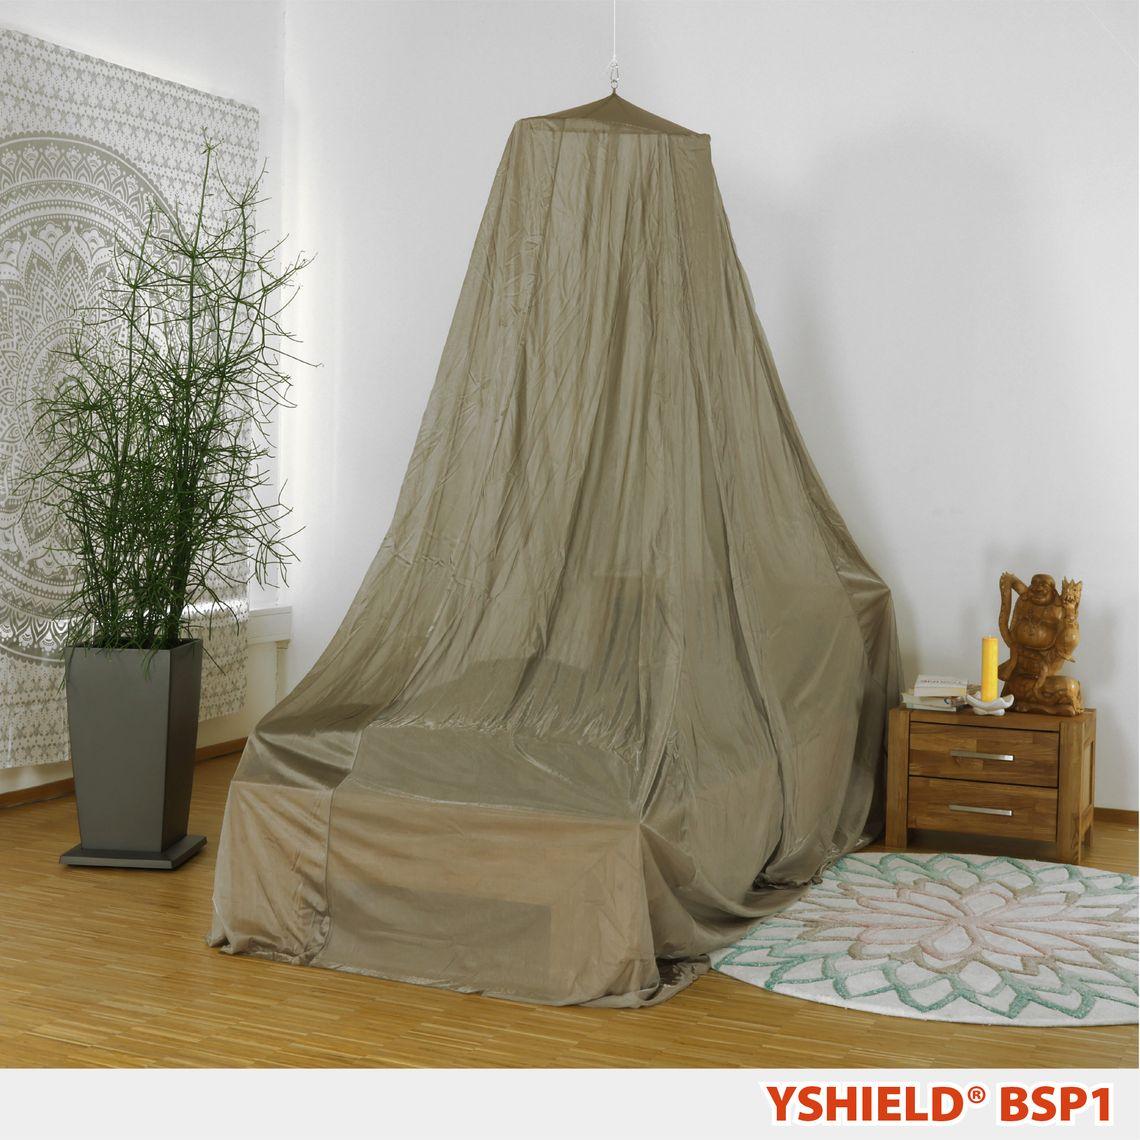 YSHIELD® BSP1   SAFECAVE Abschirmbaldachin   Pyramide Einzelbett